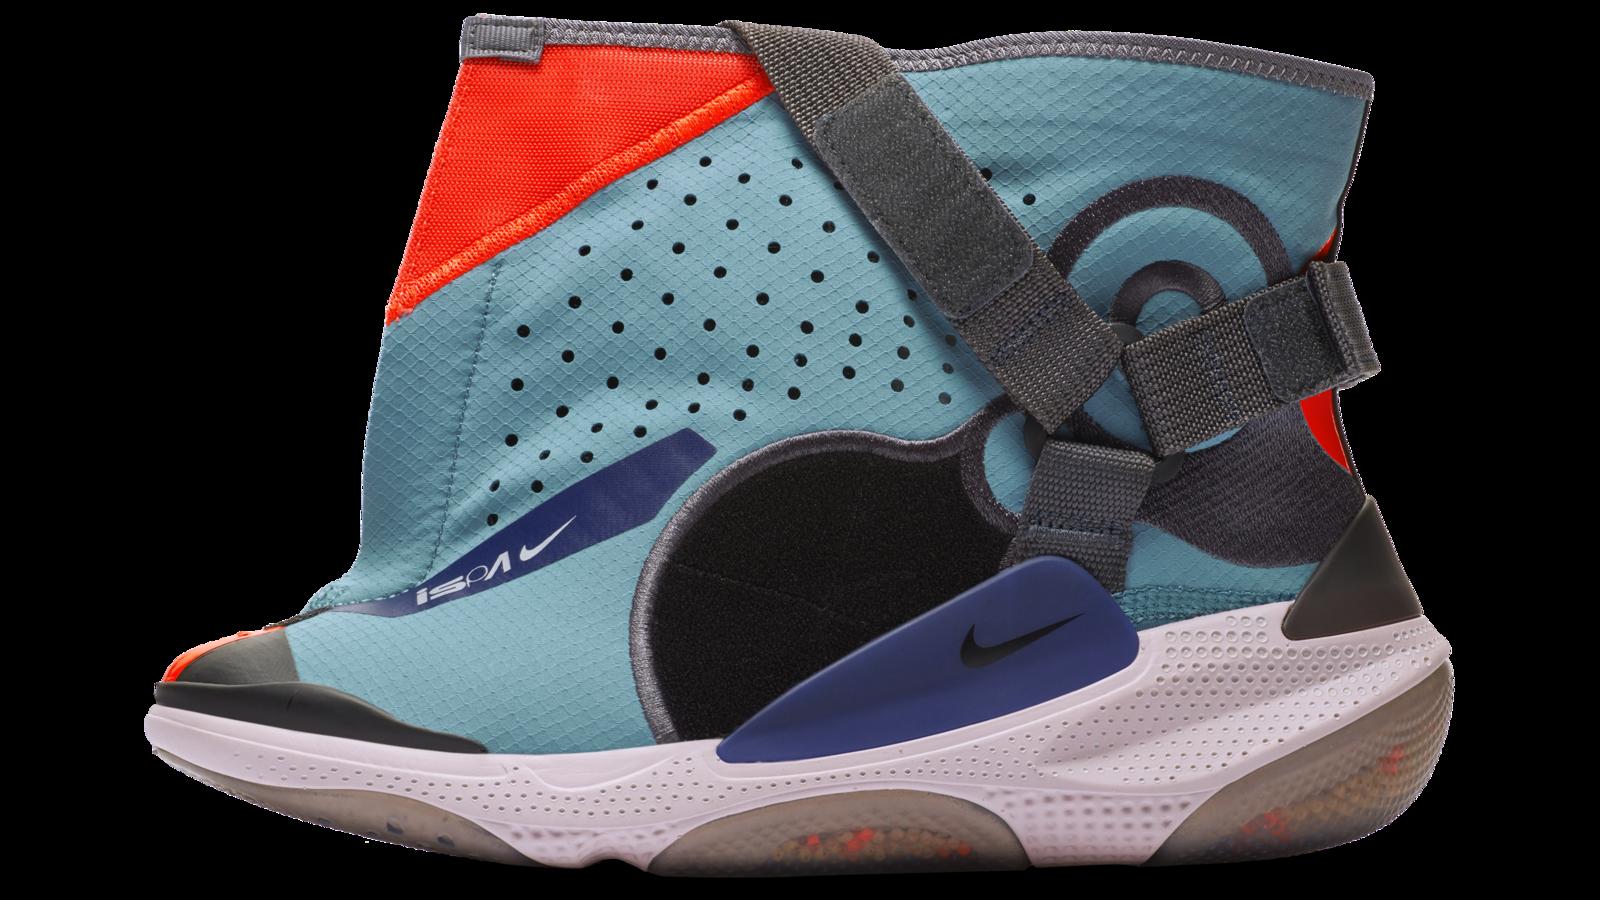 Nike ISPA Joyride Envelope Images 6